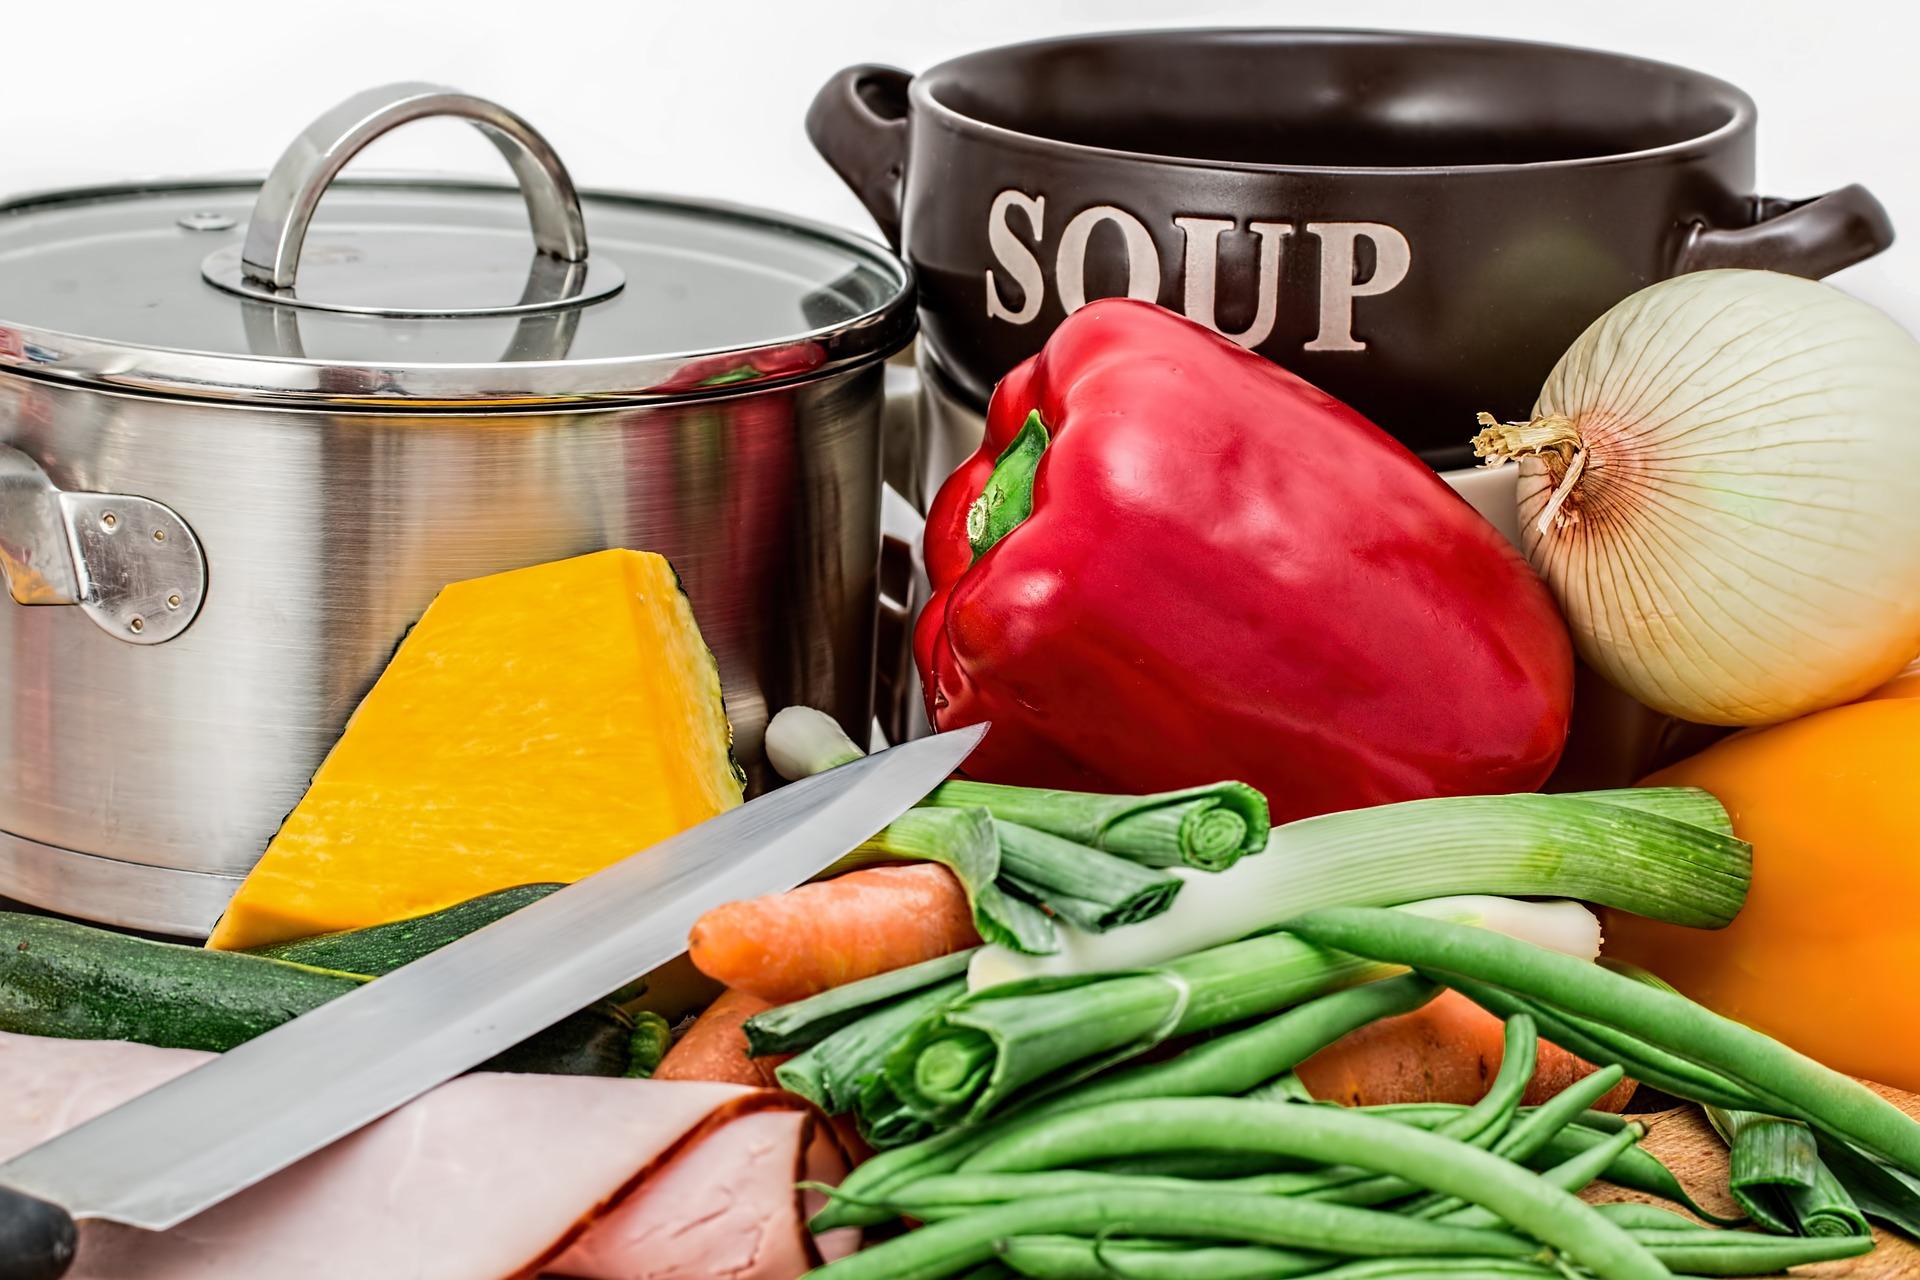 Sunday Service & Special Soup Sunday